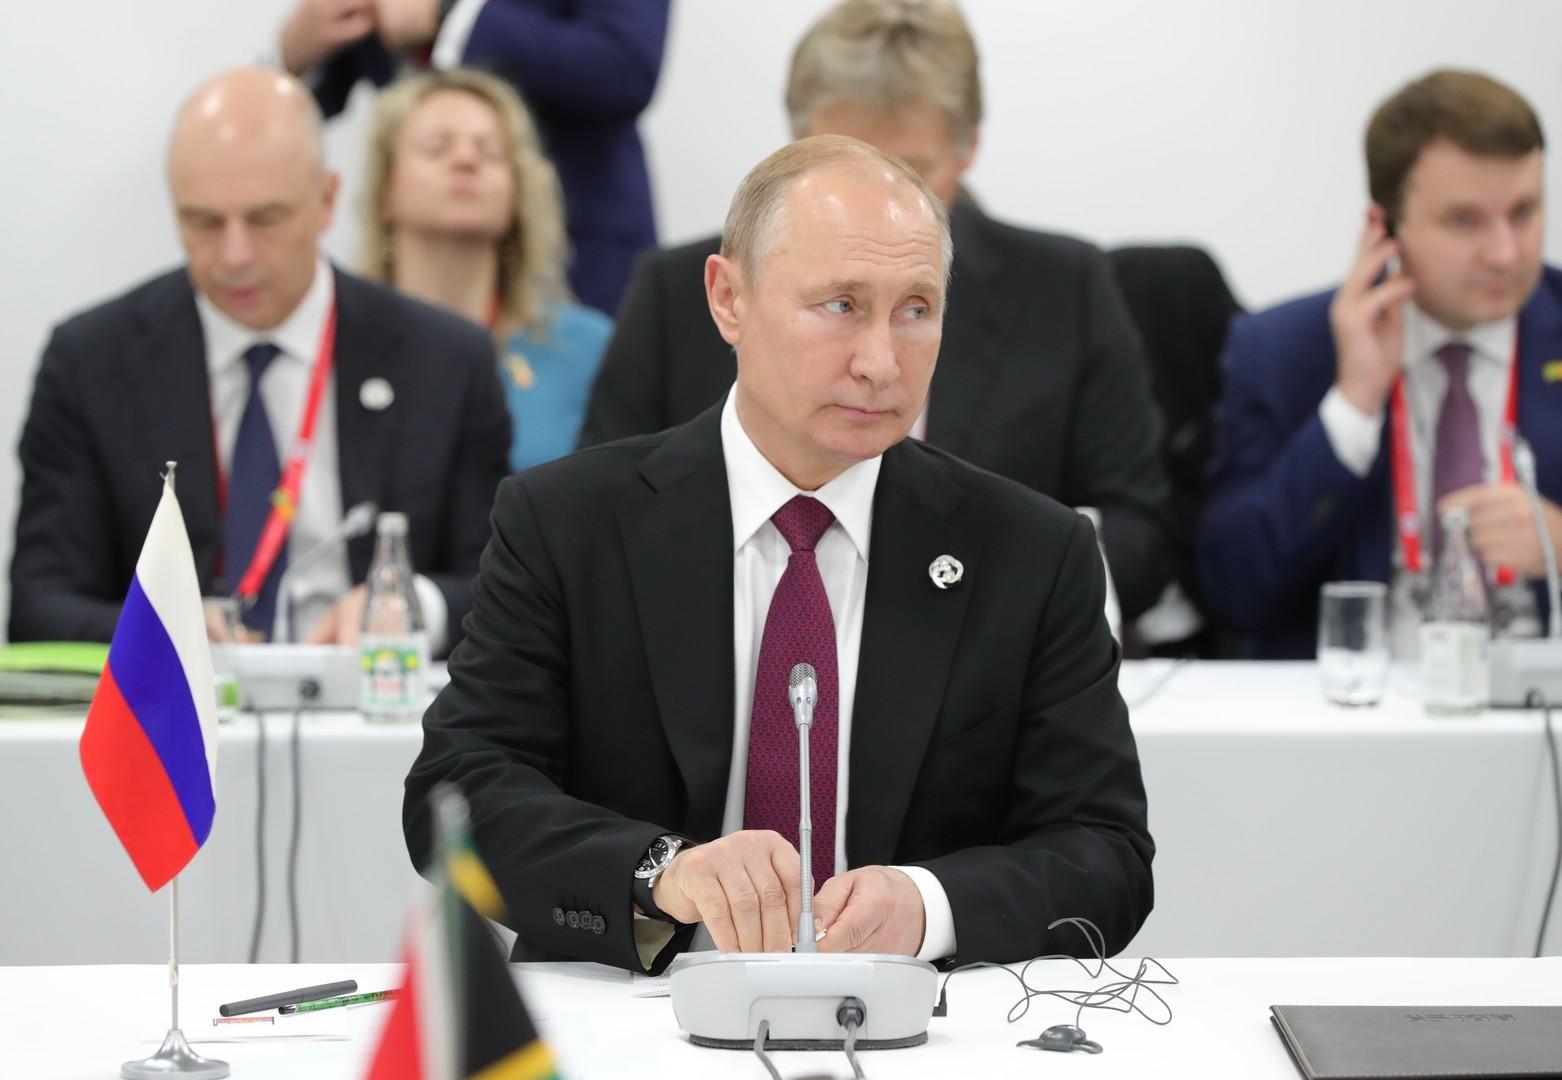 بوتين يدعو لفرض ضوابط على عمل الشركات متعددة الجنسيات